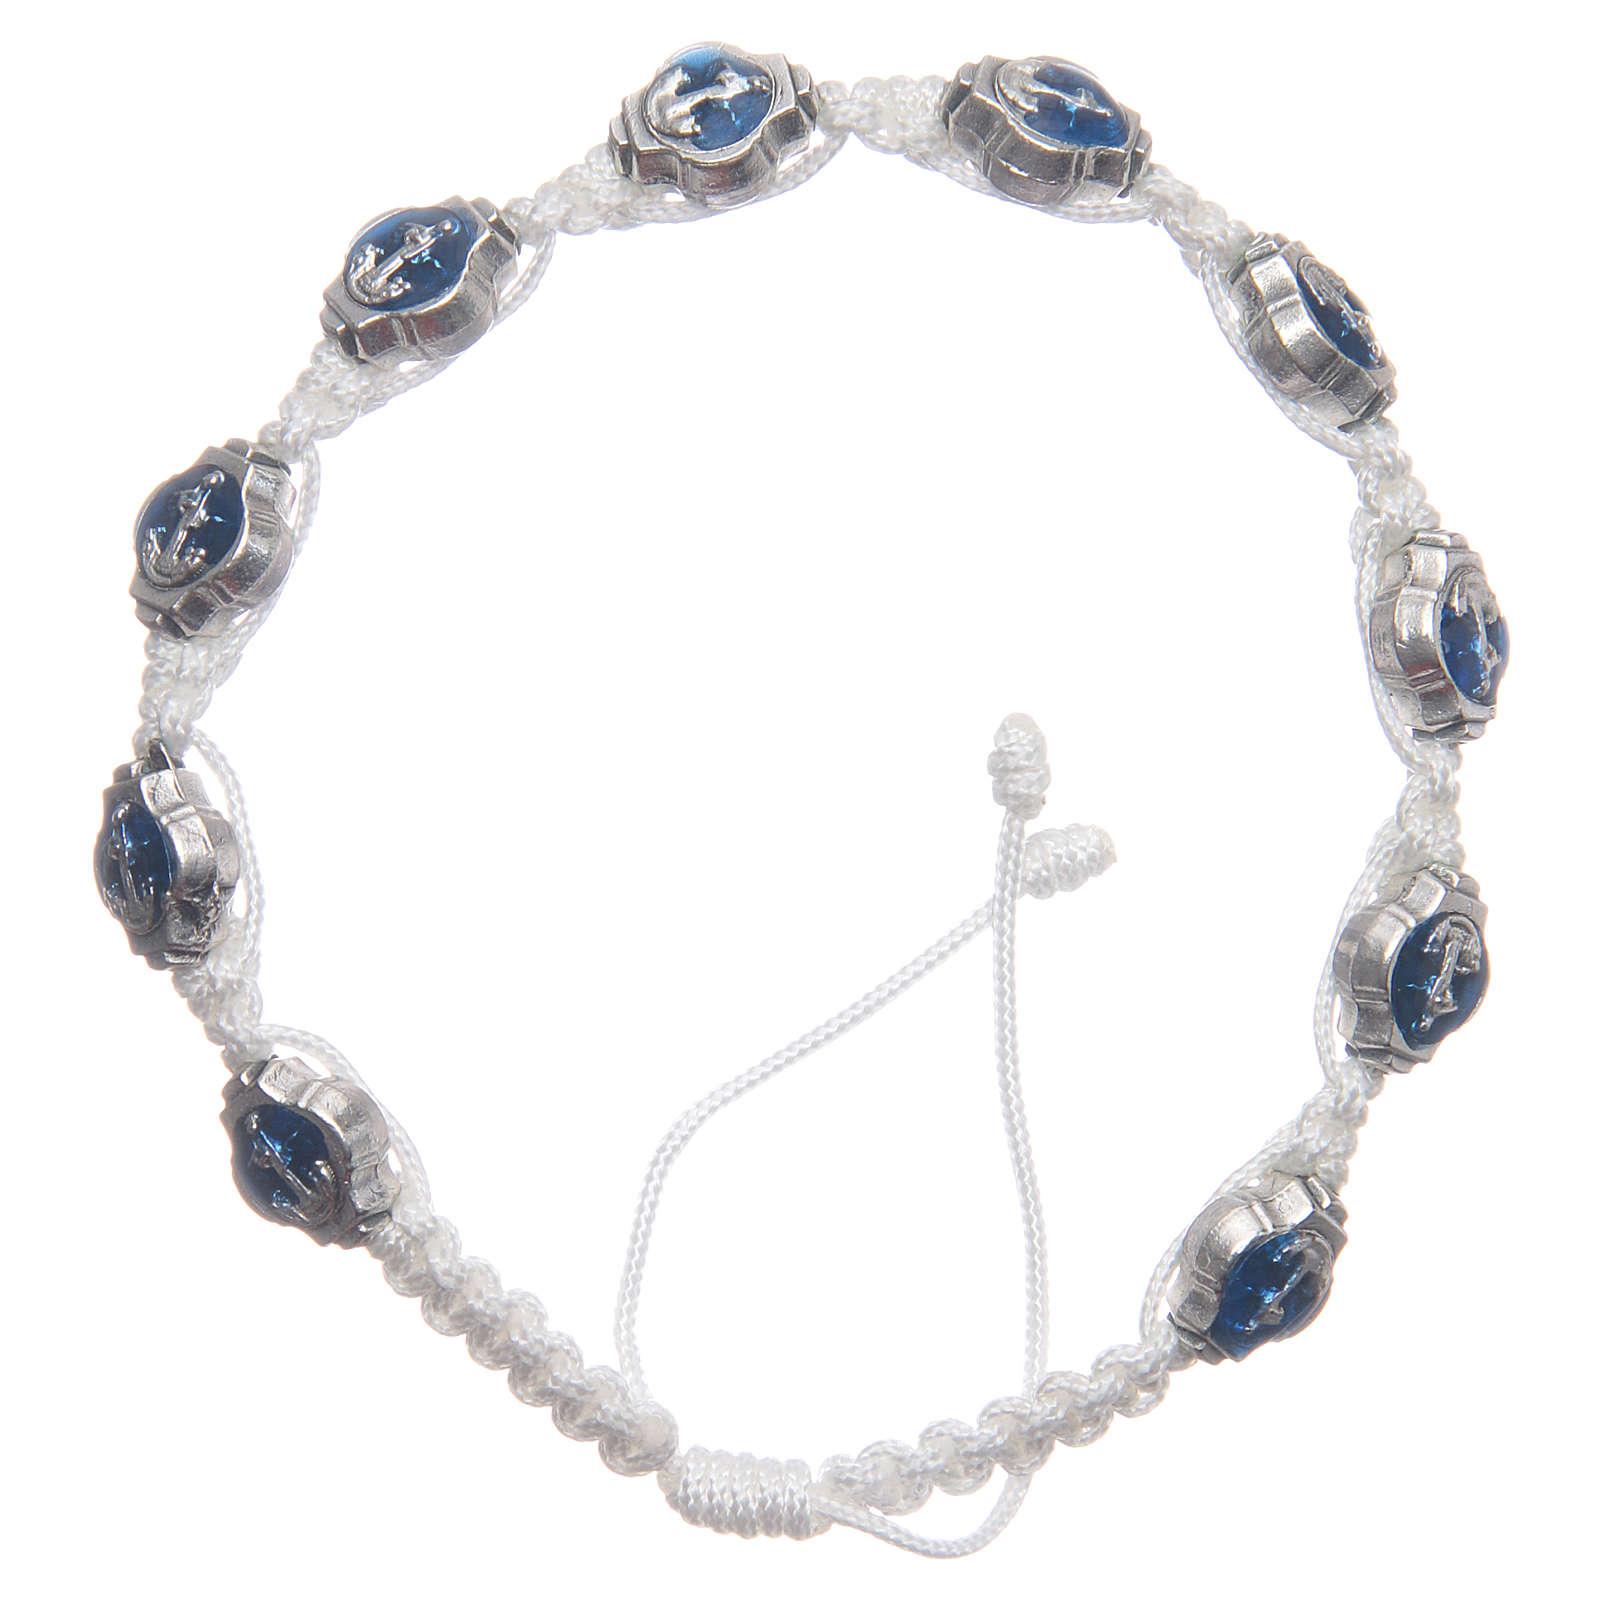 Bransoletka Medziugorie emalie niebieskie sznurek biały 4